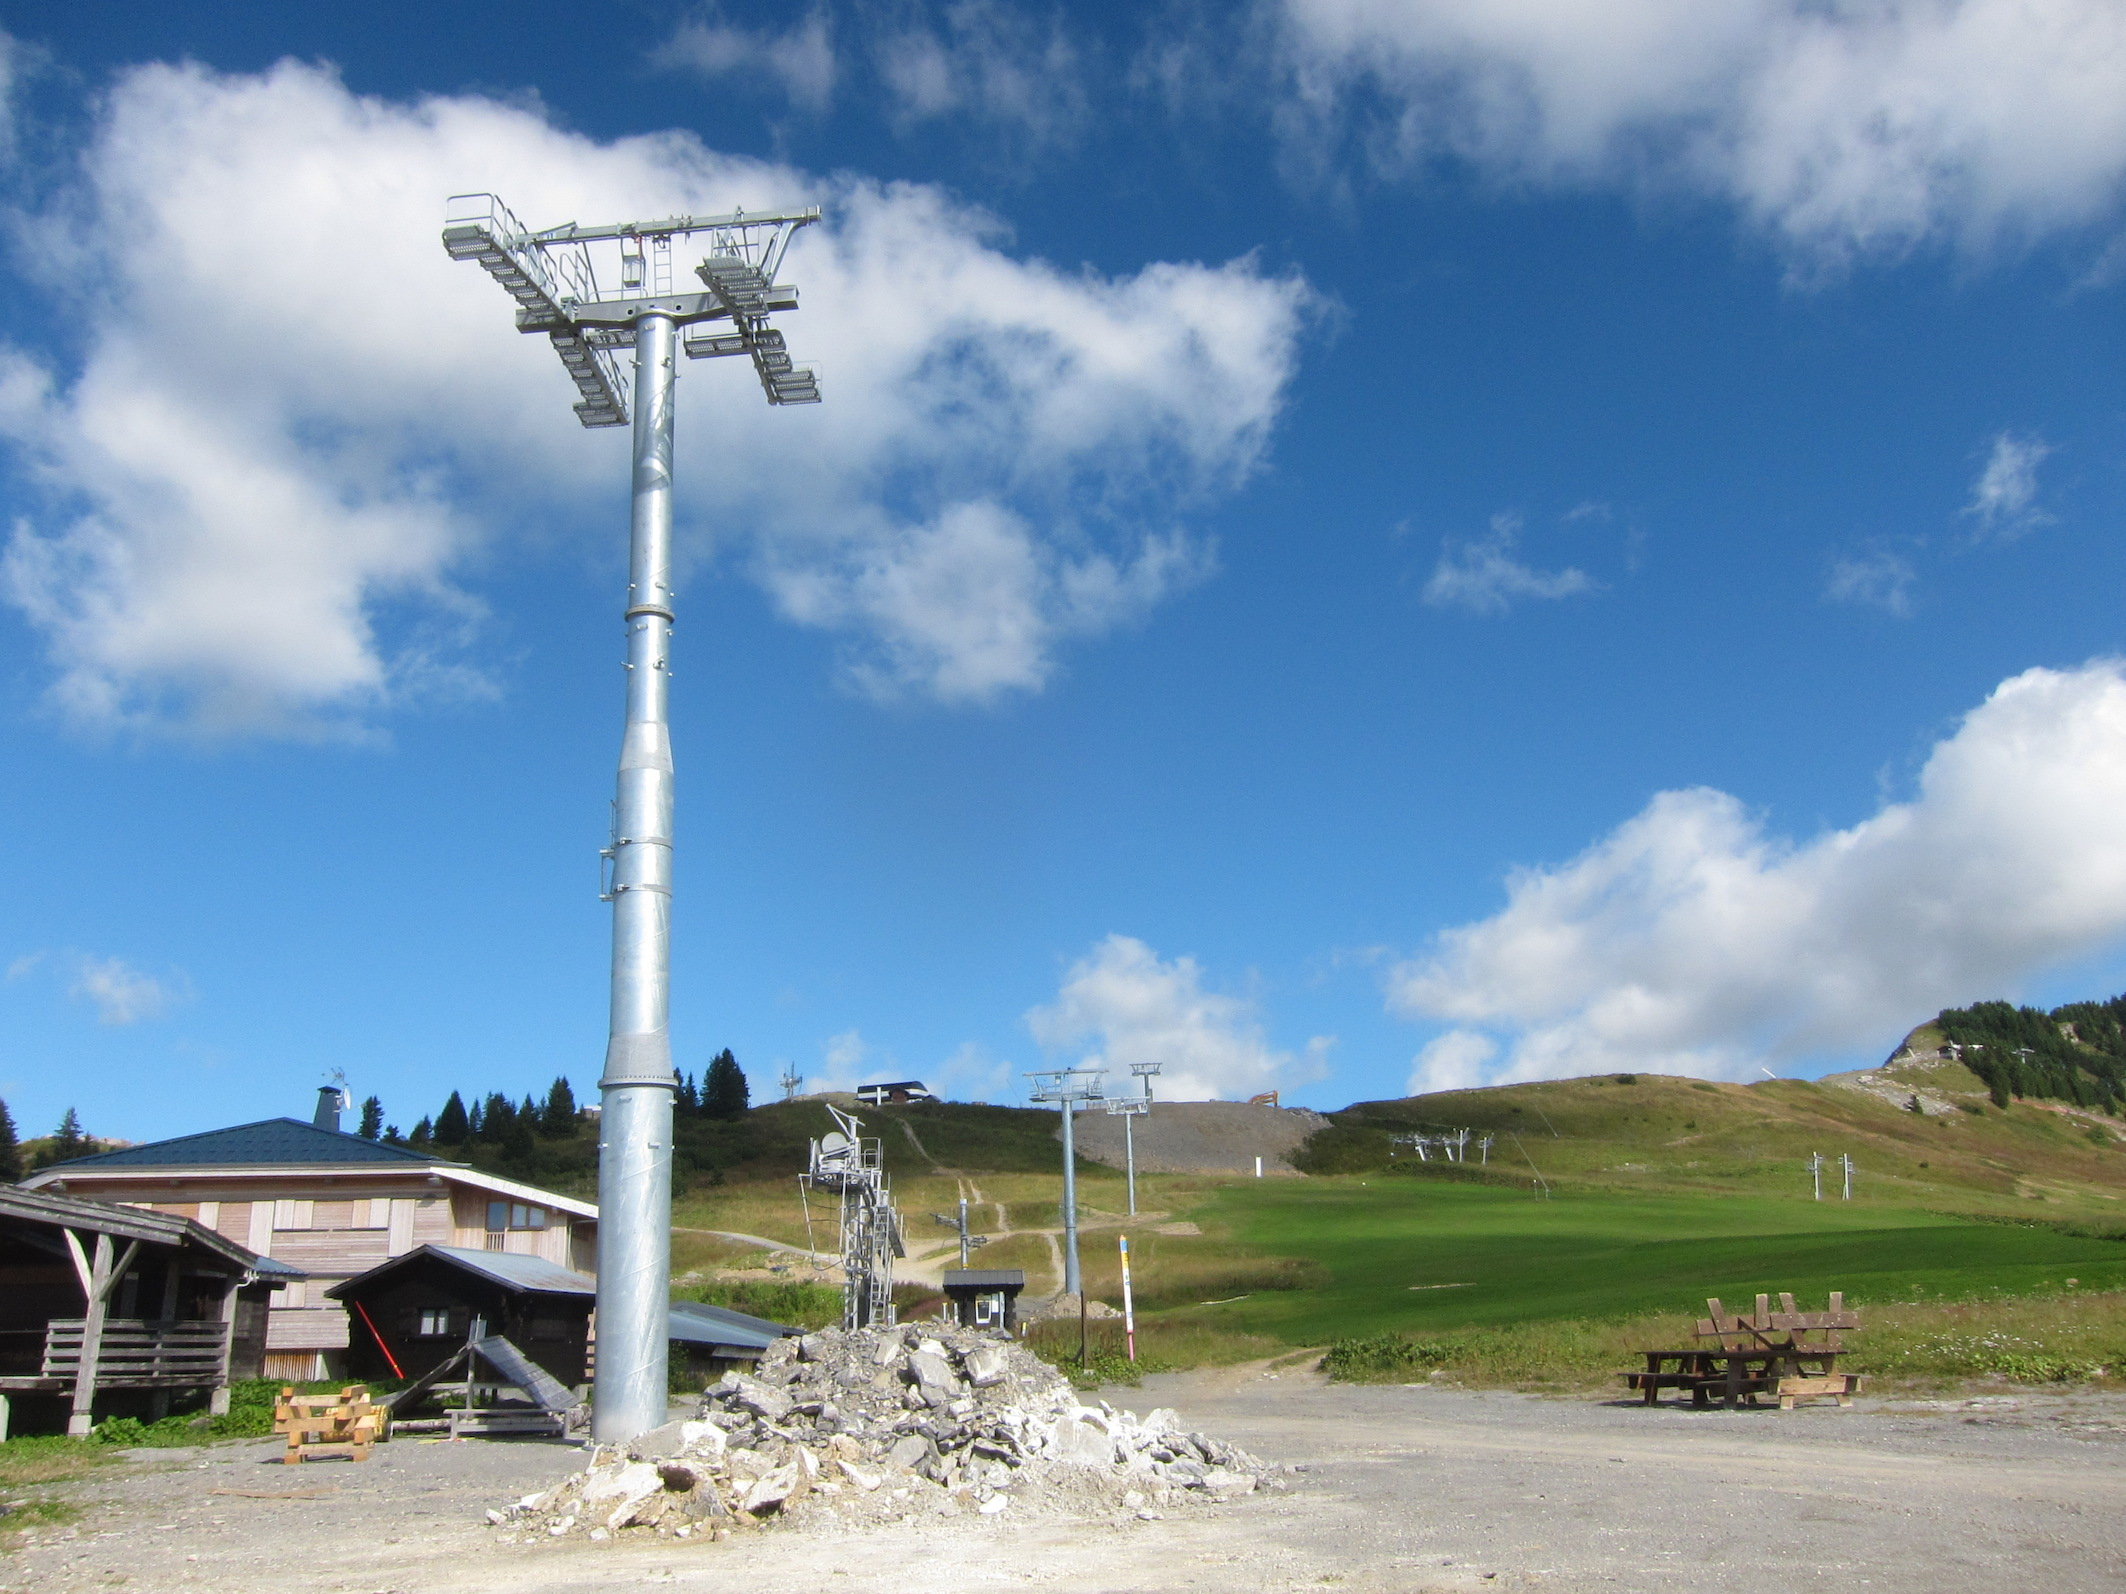 chapelle snowpark chairlift